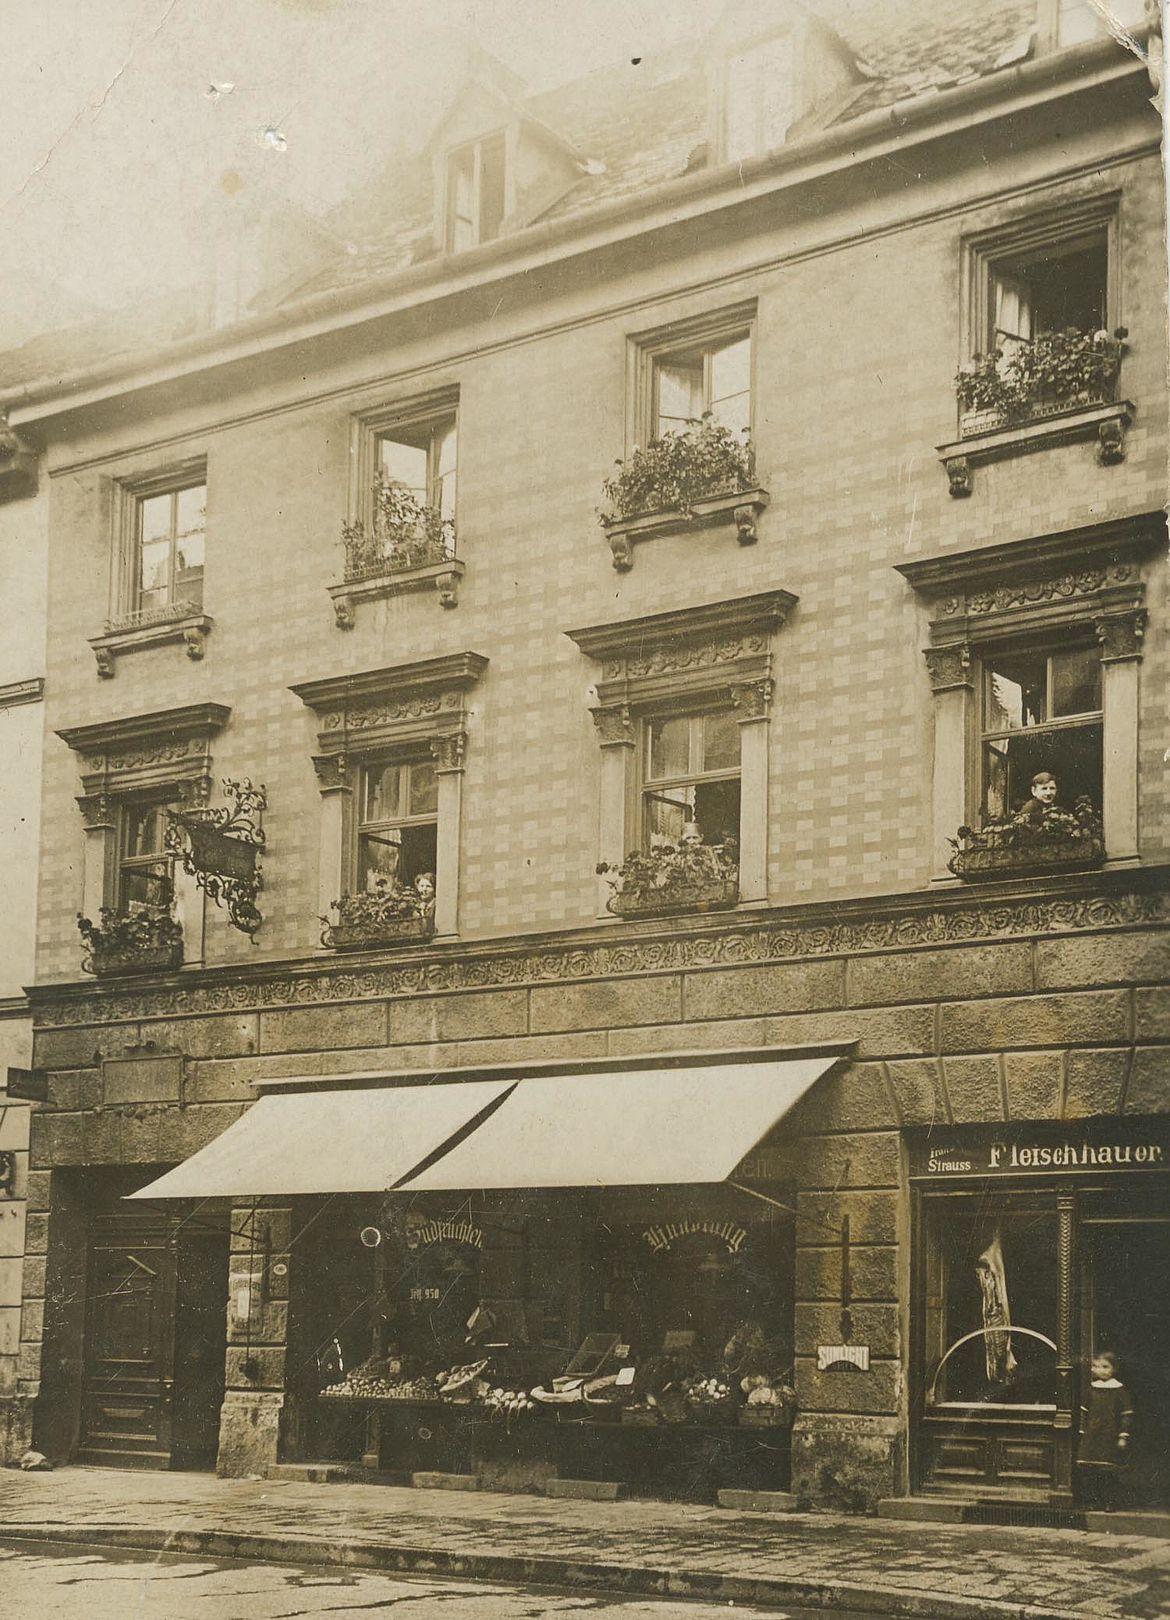 Elternhaus in der Schellingstraße 49, etwa 1912, die Metzgerei der Eltern befindet sich auf der rechten Seite